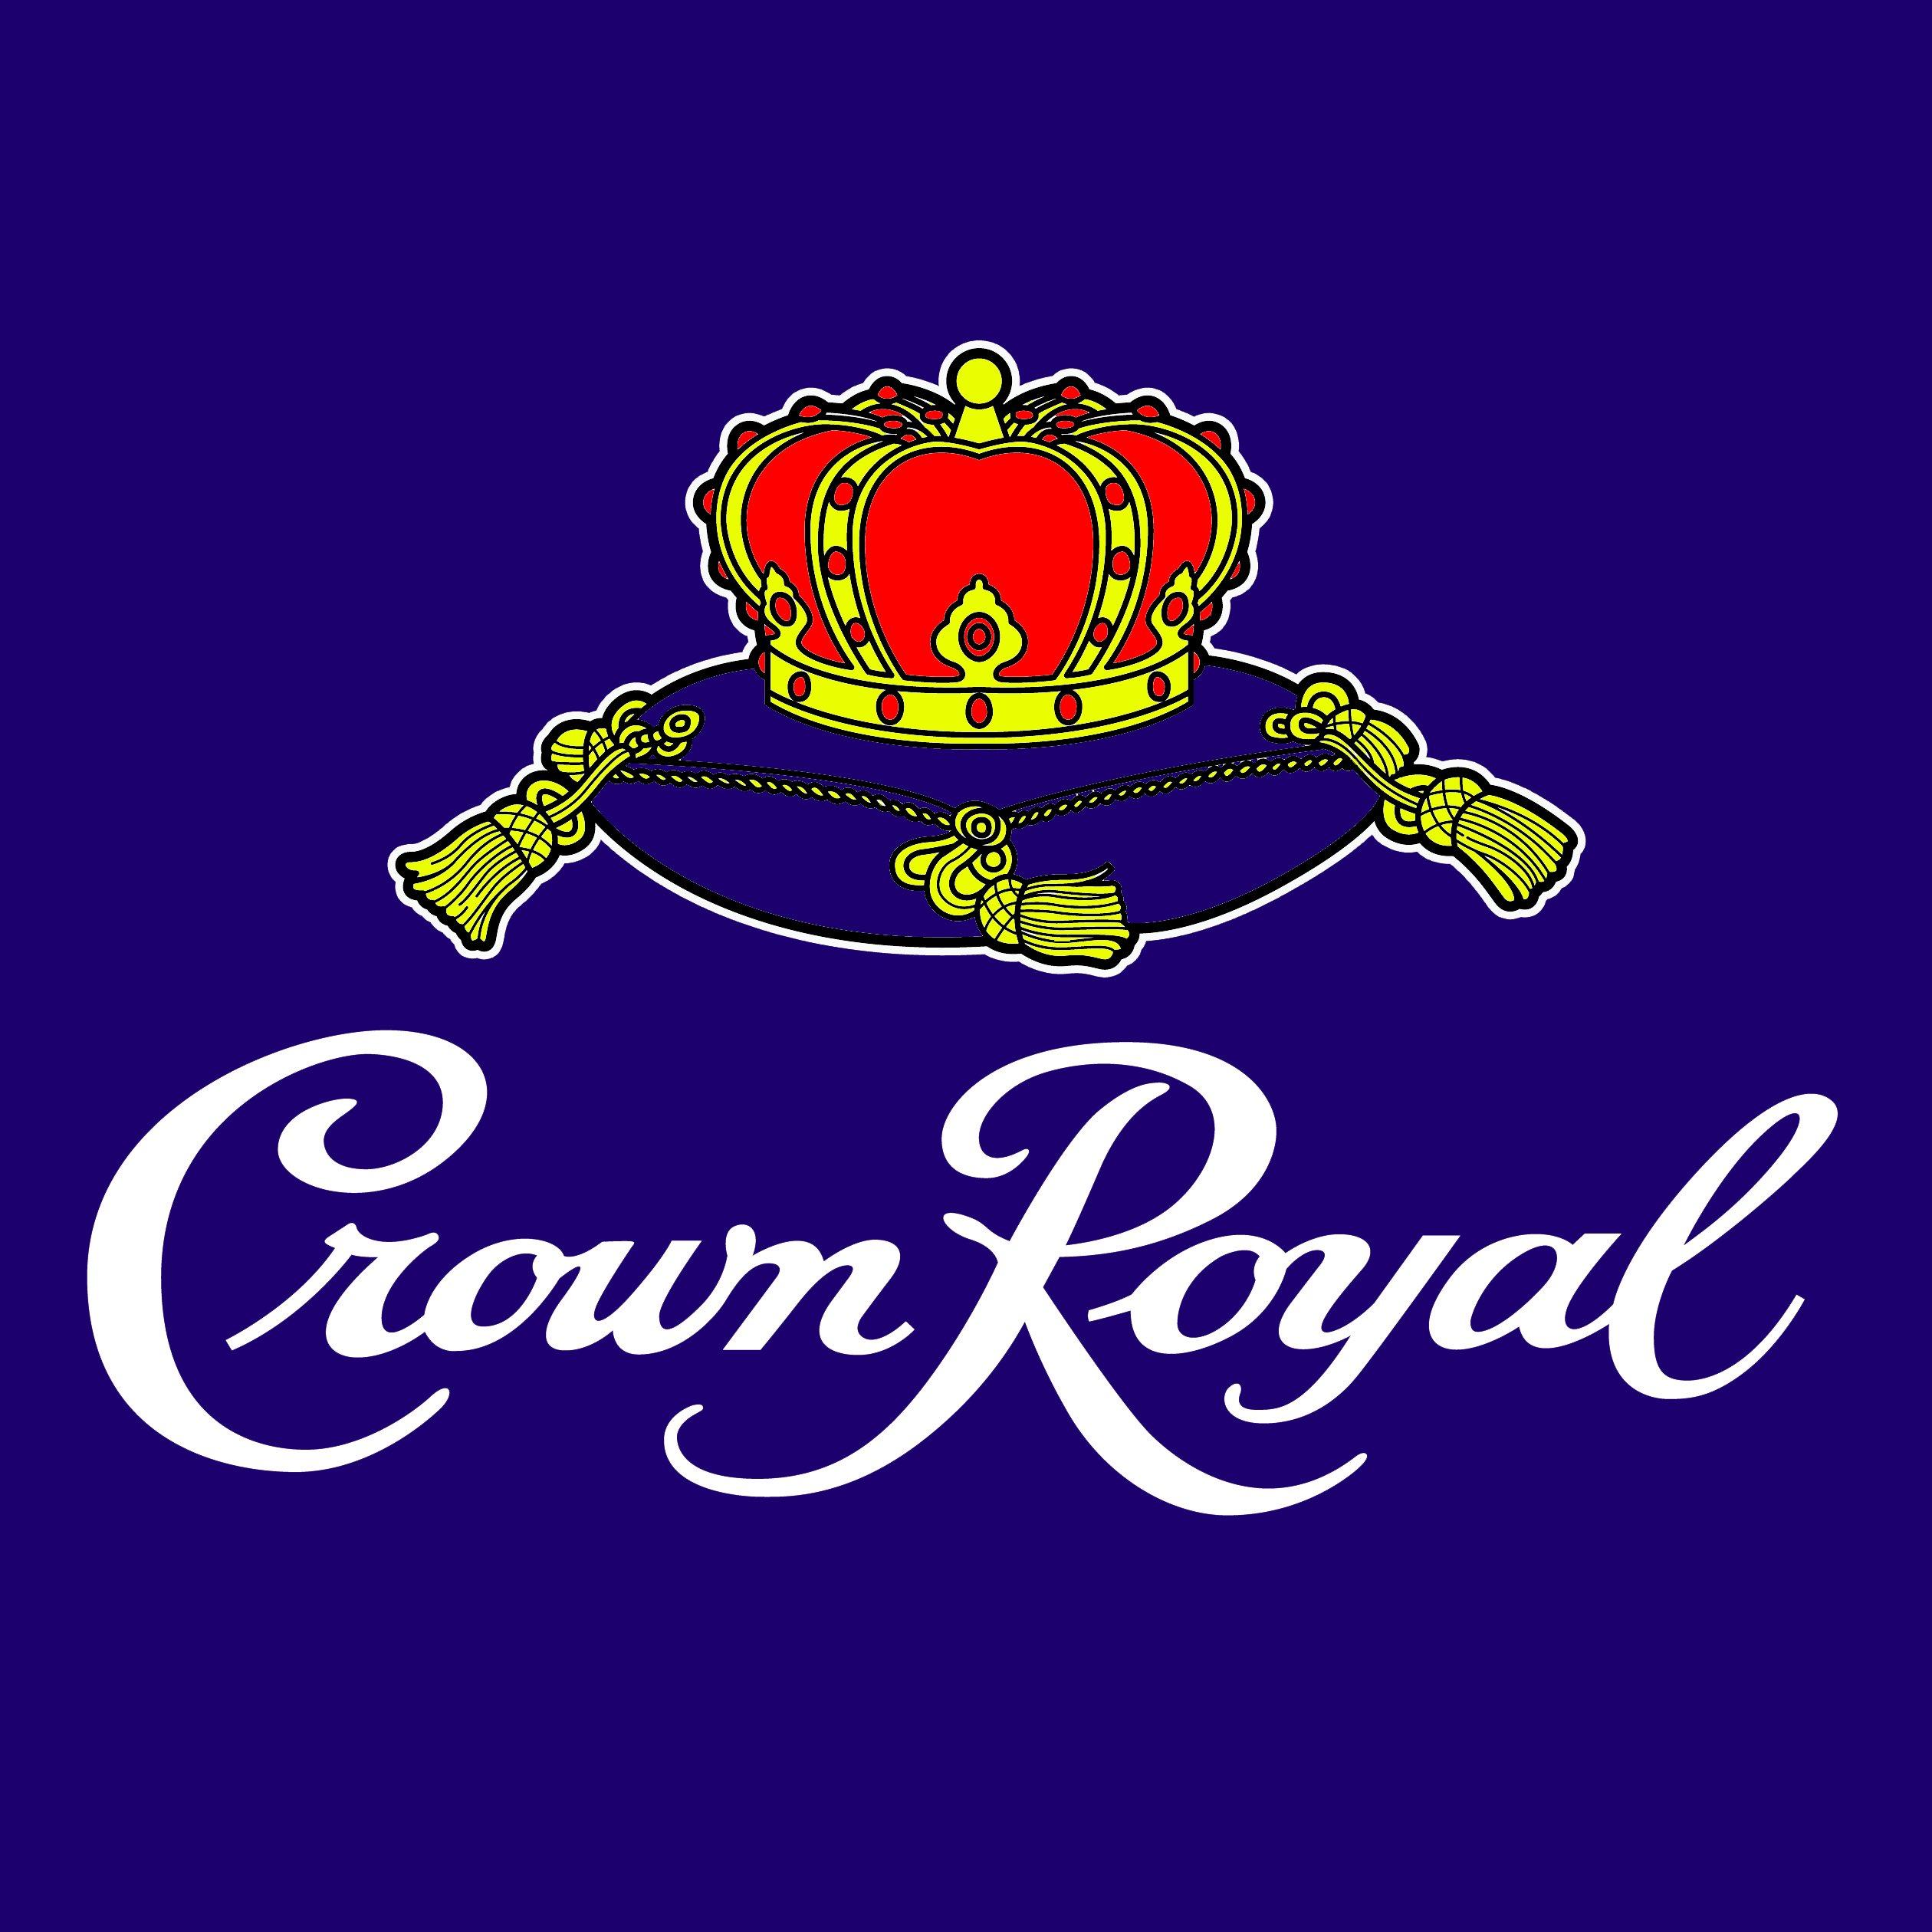 crown royal whiskey logo bing images